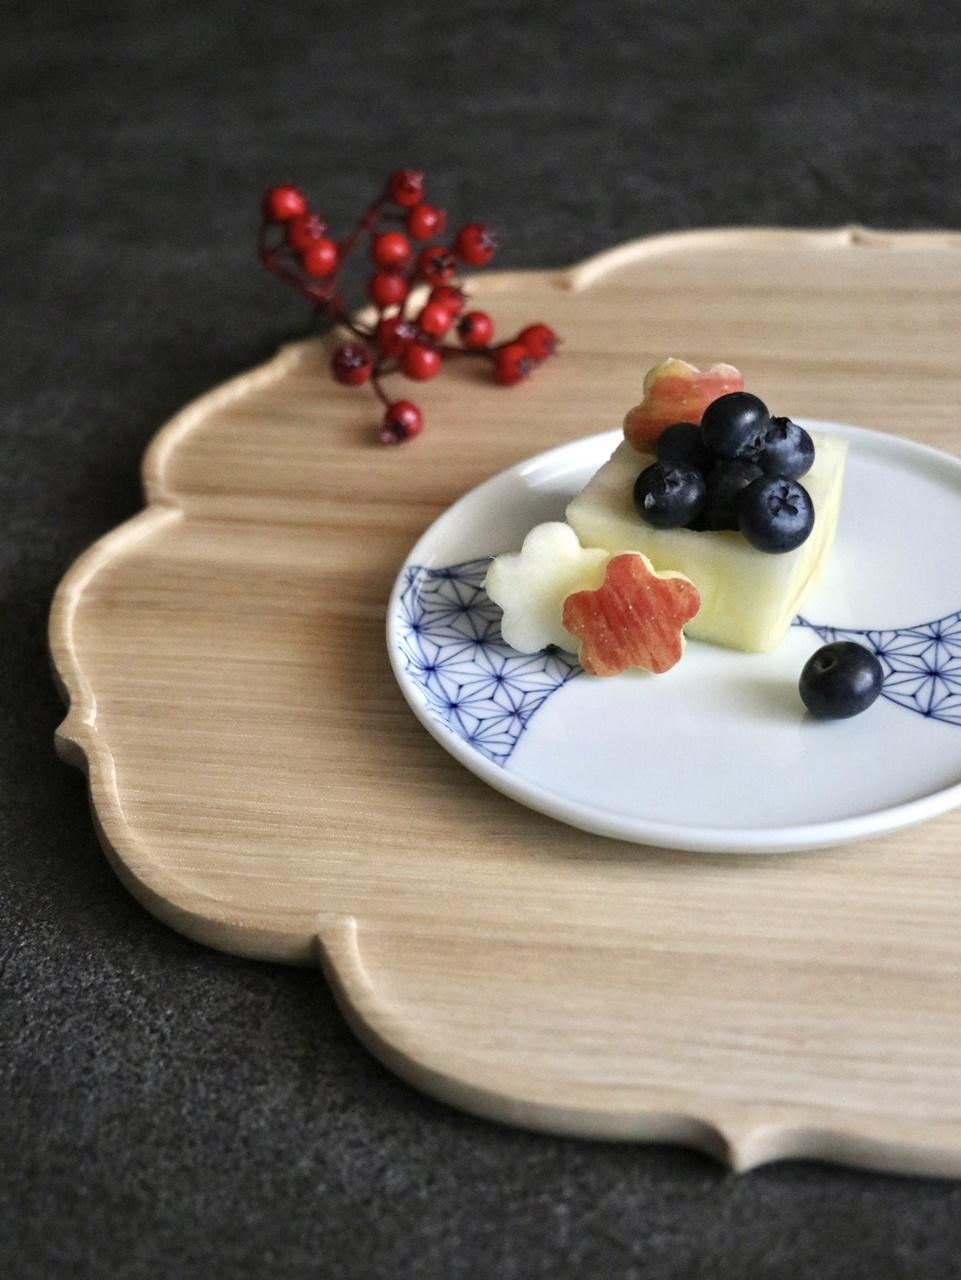 りんごの升と惣次郎窯のミニプレート